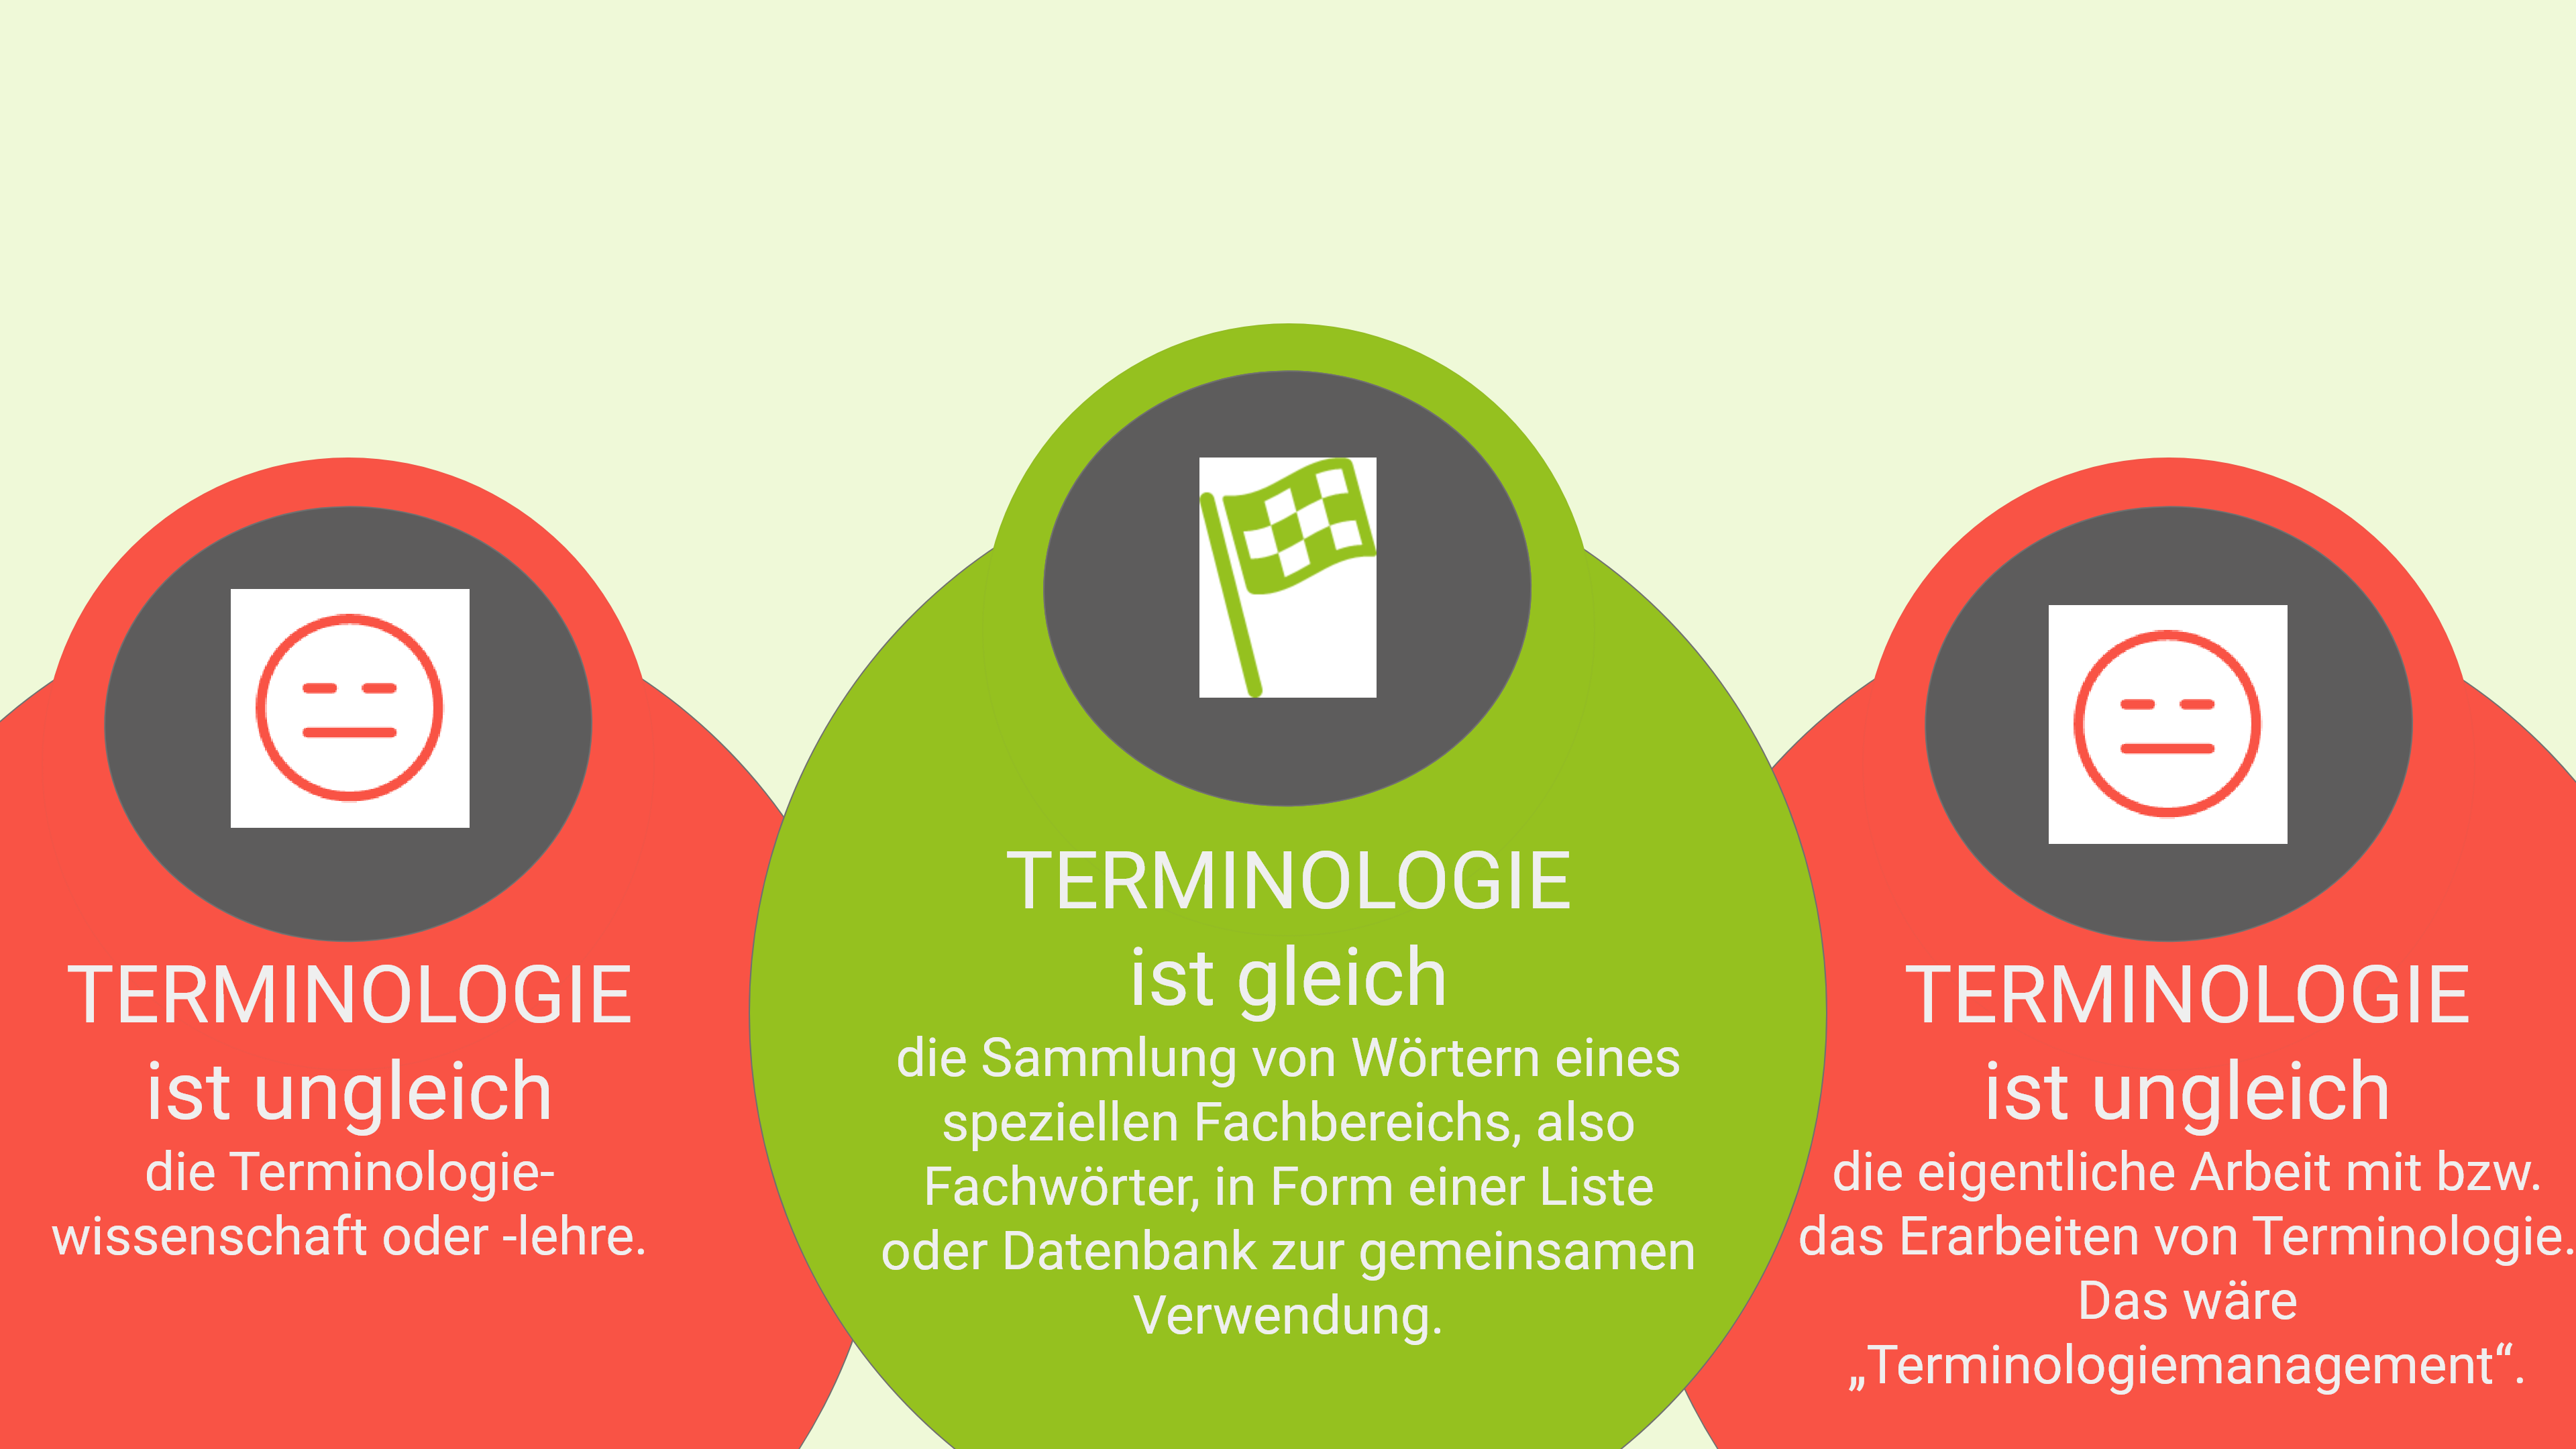 Terminologie - eine Abgrenzung zu Terminologielehre und Terminologiemanagement.